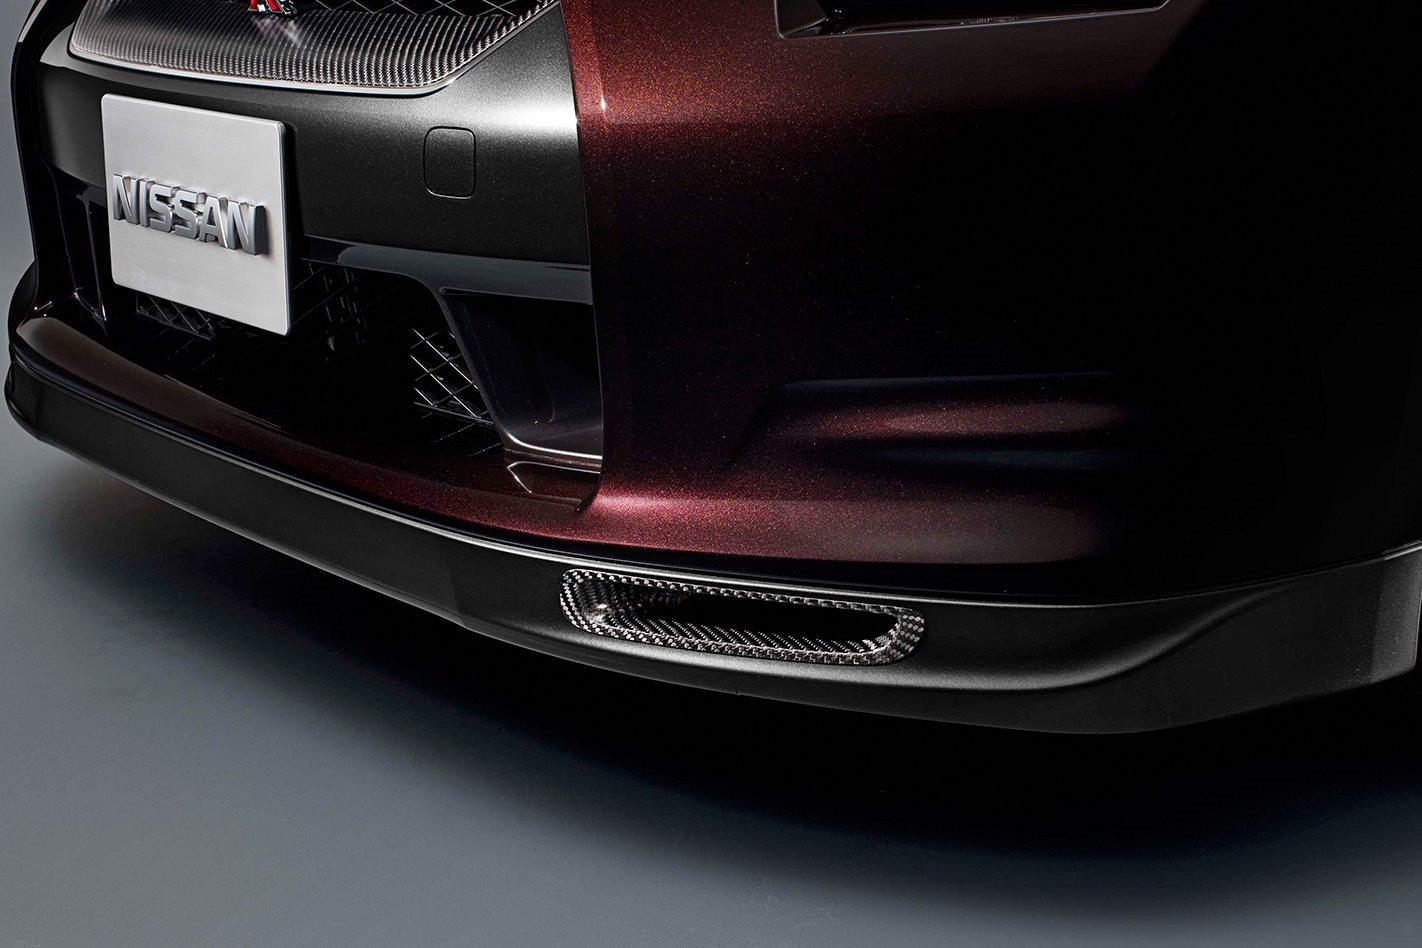 Nissan-GT-R-Spec-V-brake-ducts.jpg